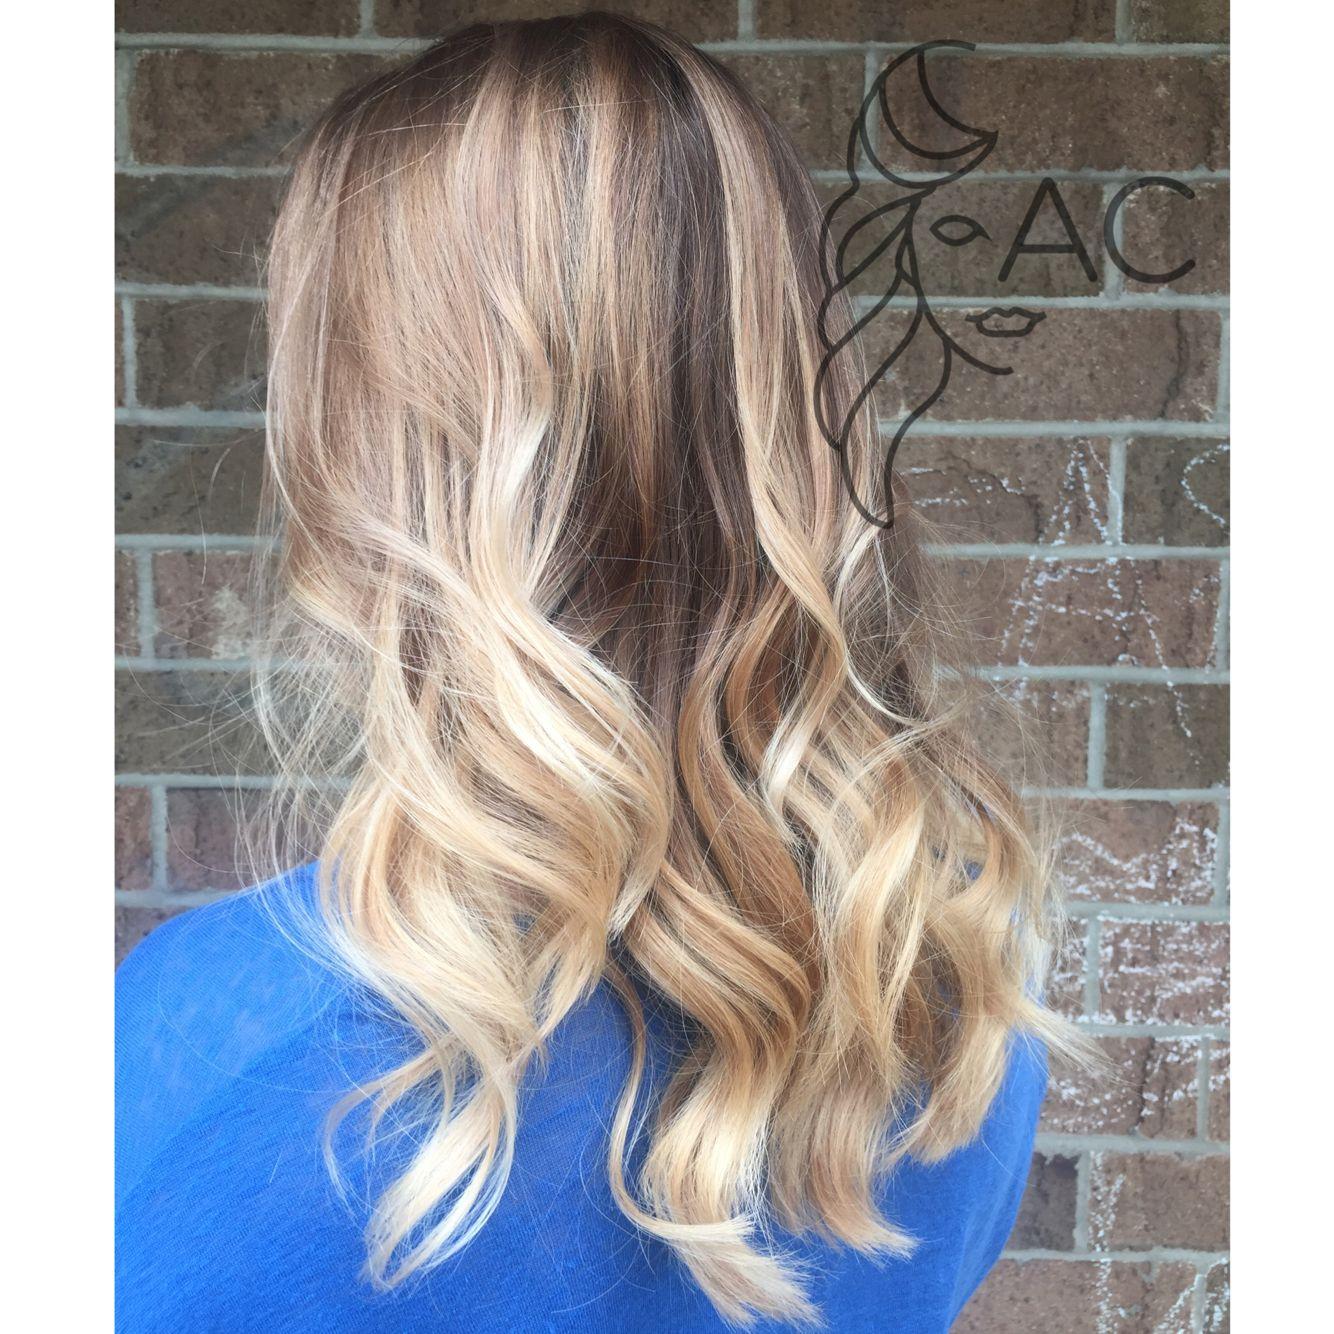 Blond balayage ombré hair pinterest balayage and blond